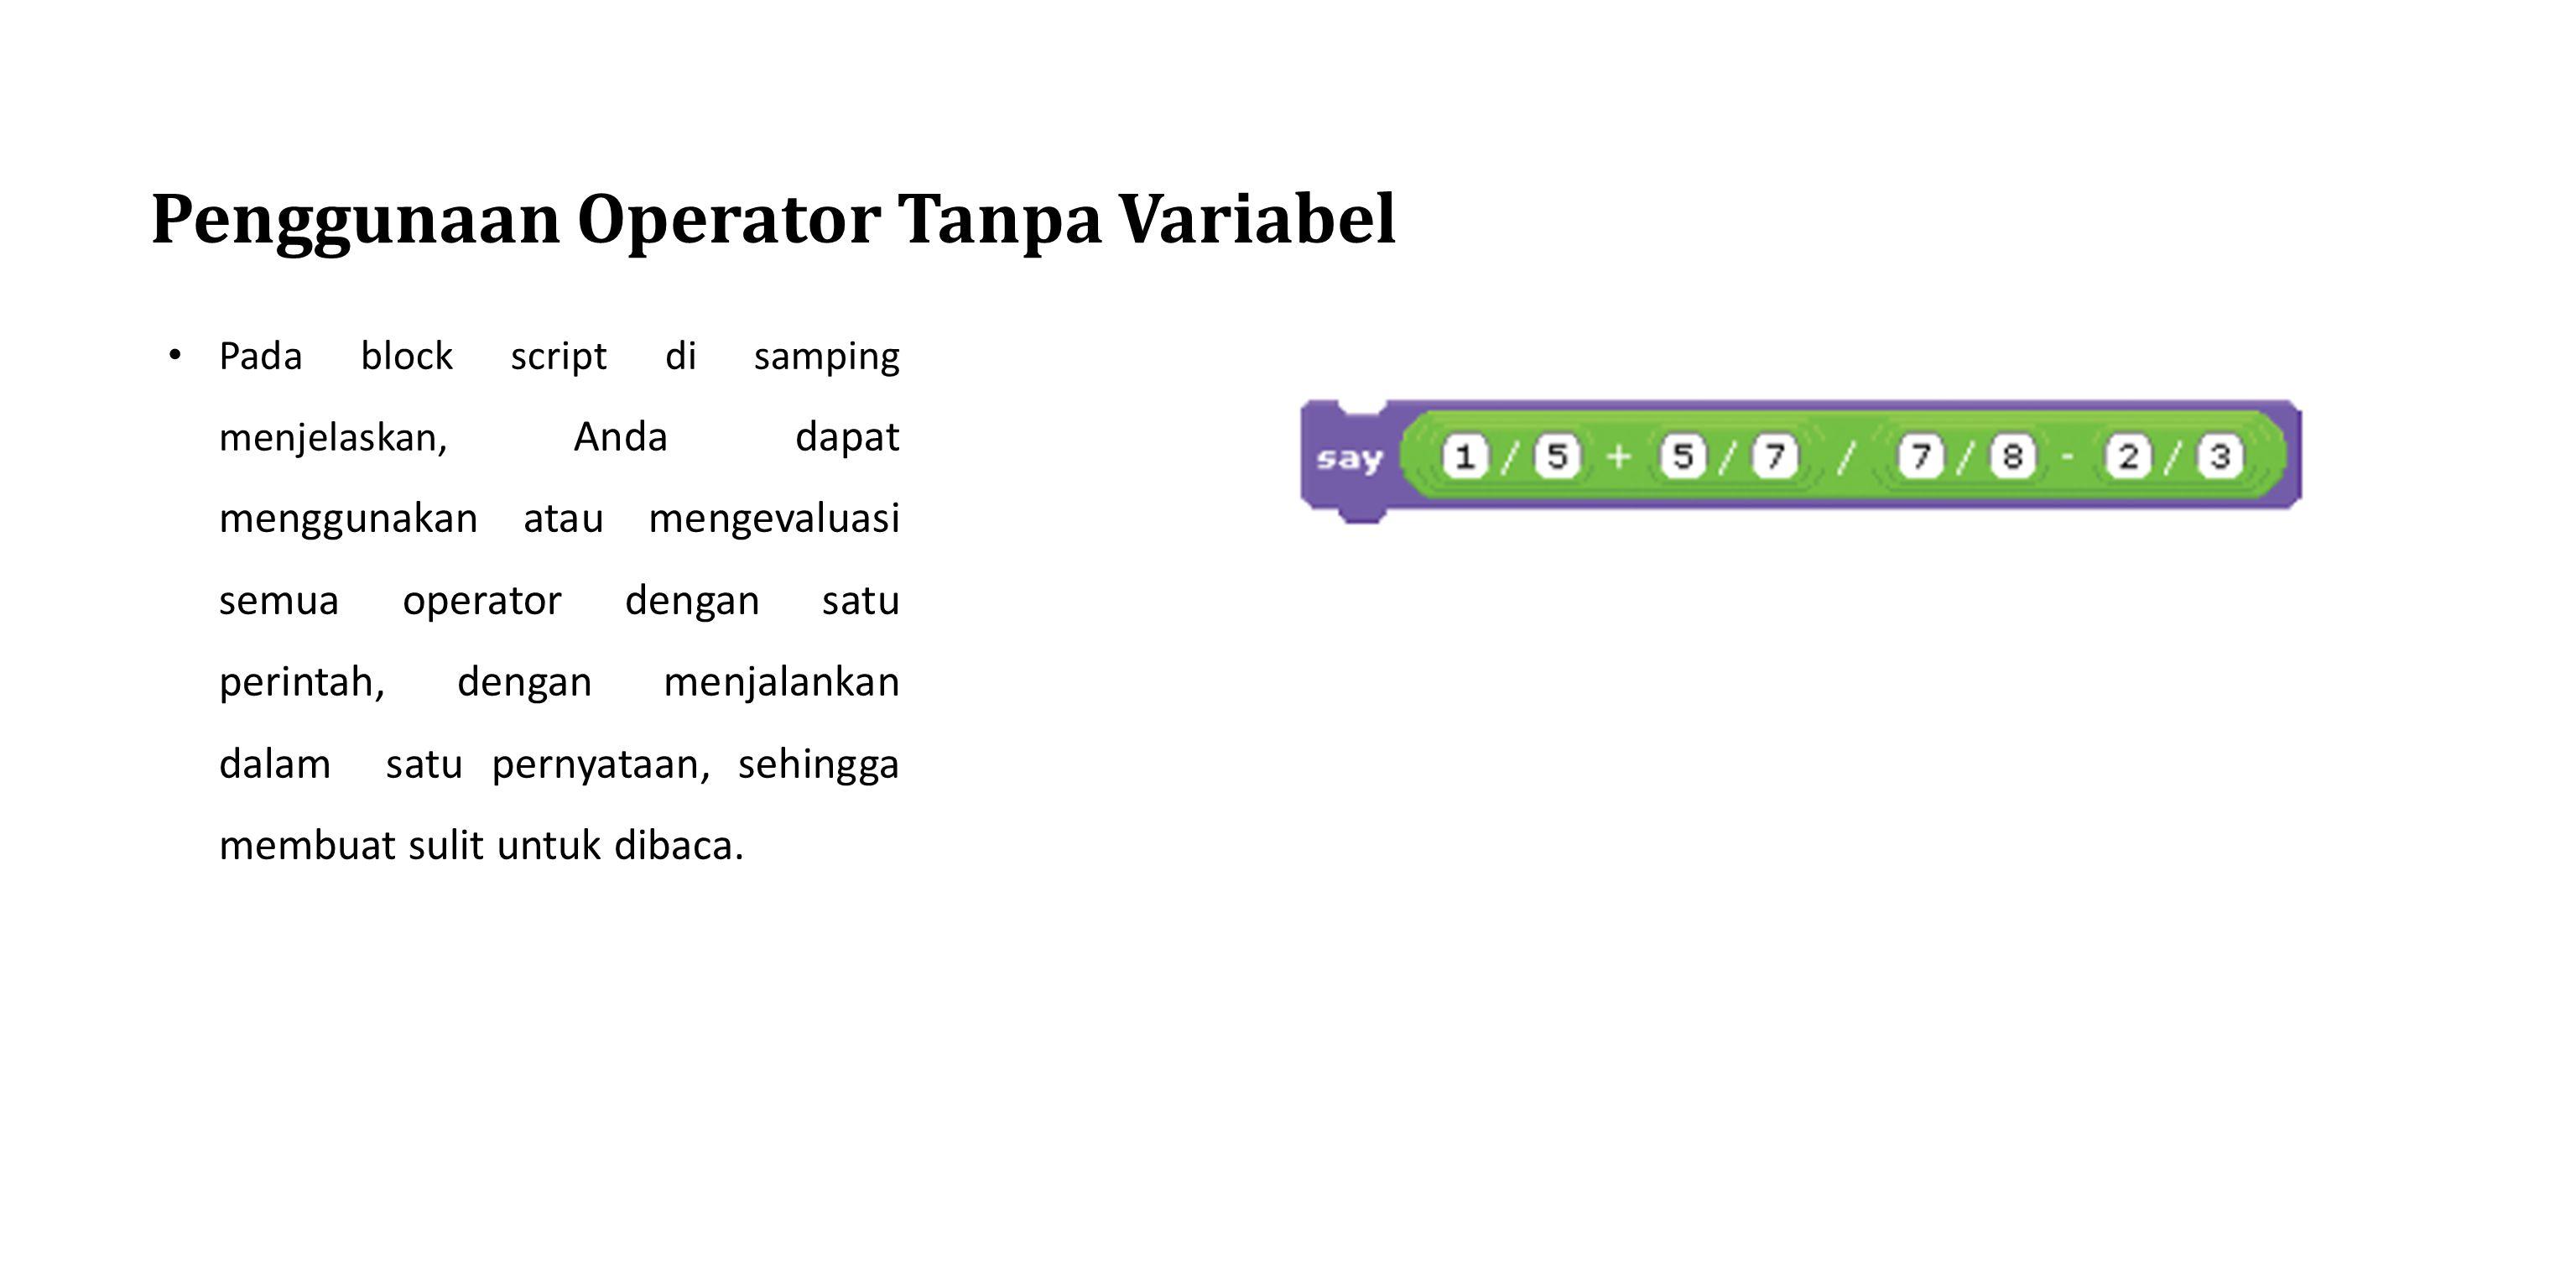 Penggunaan Operator Tanpa Variabel